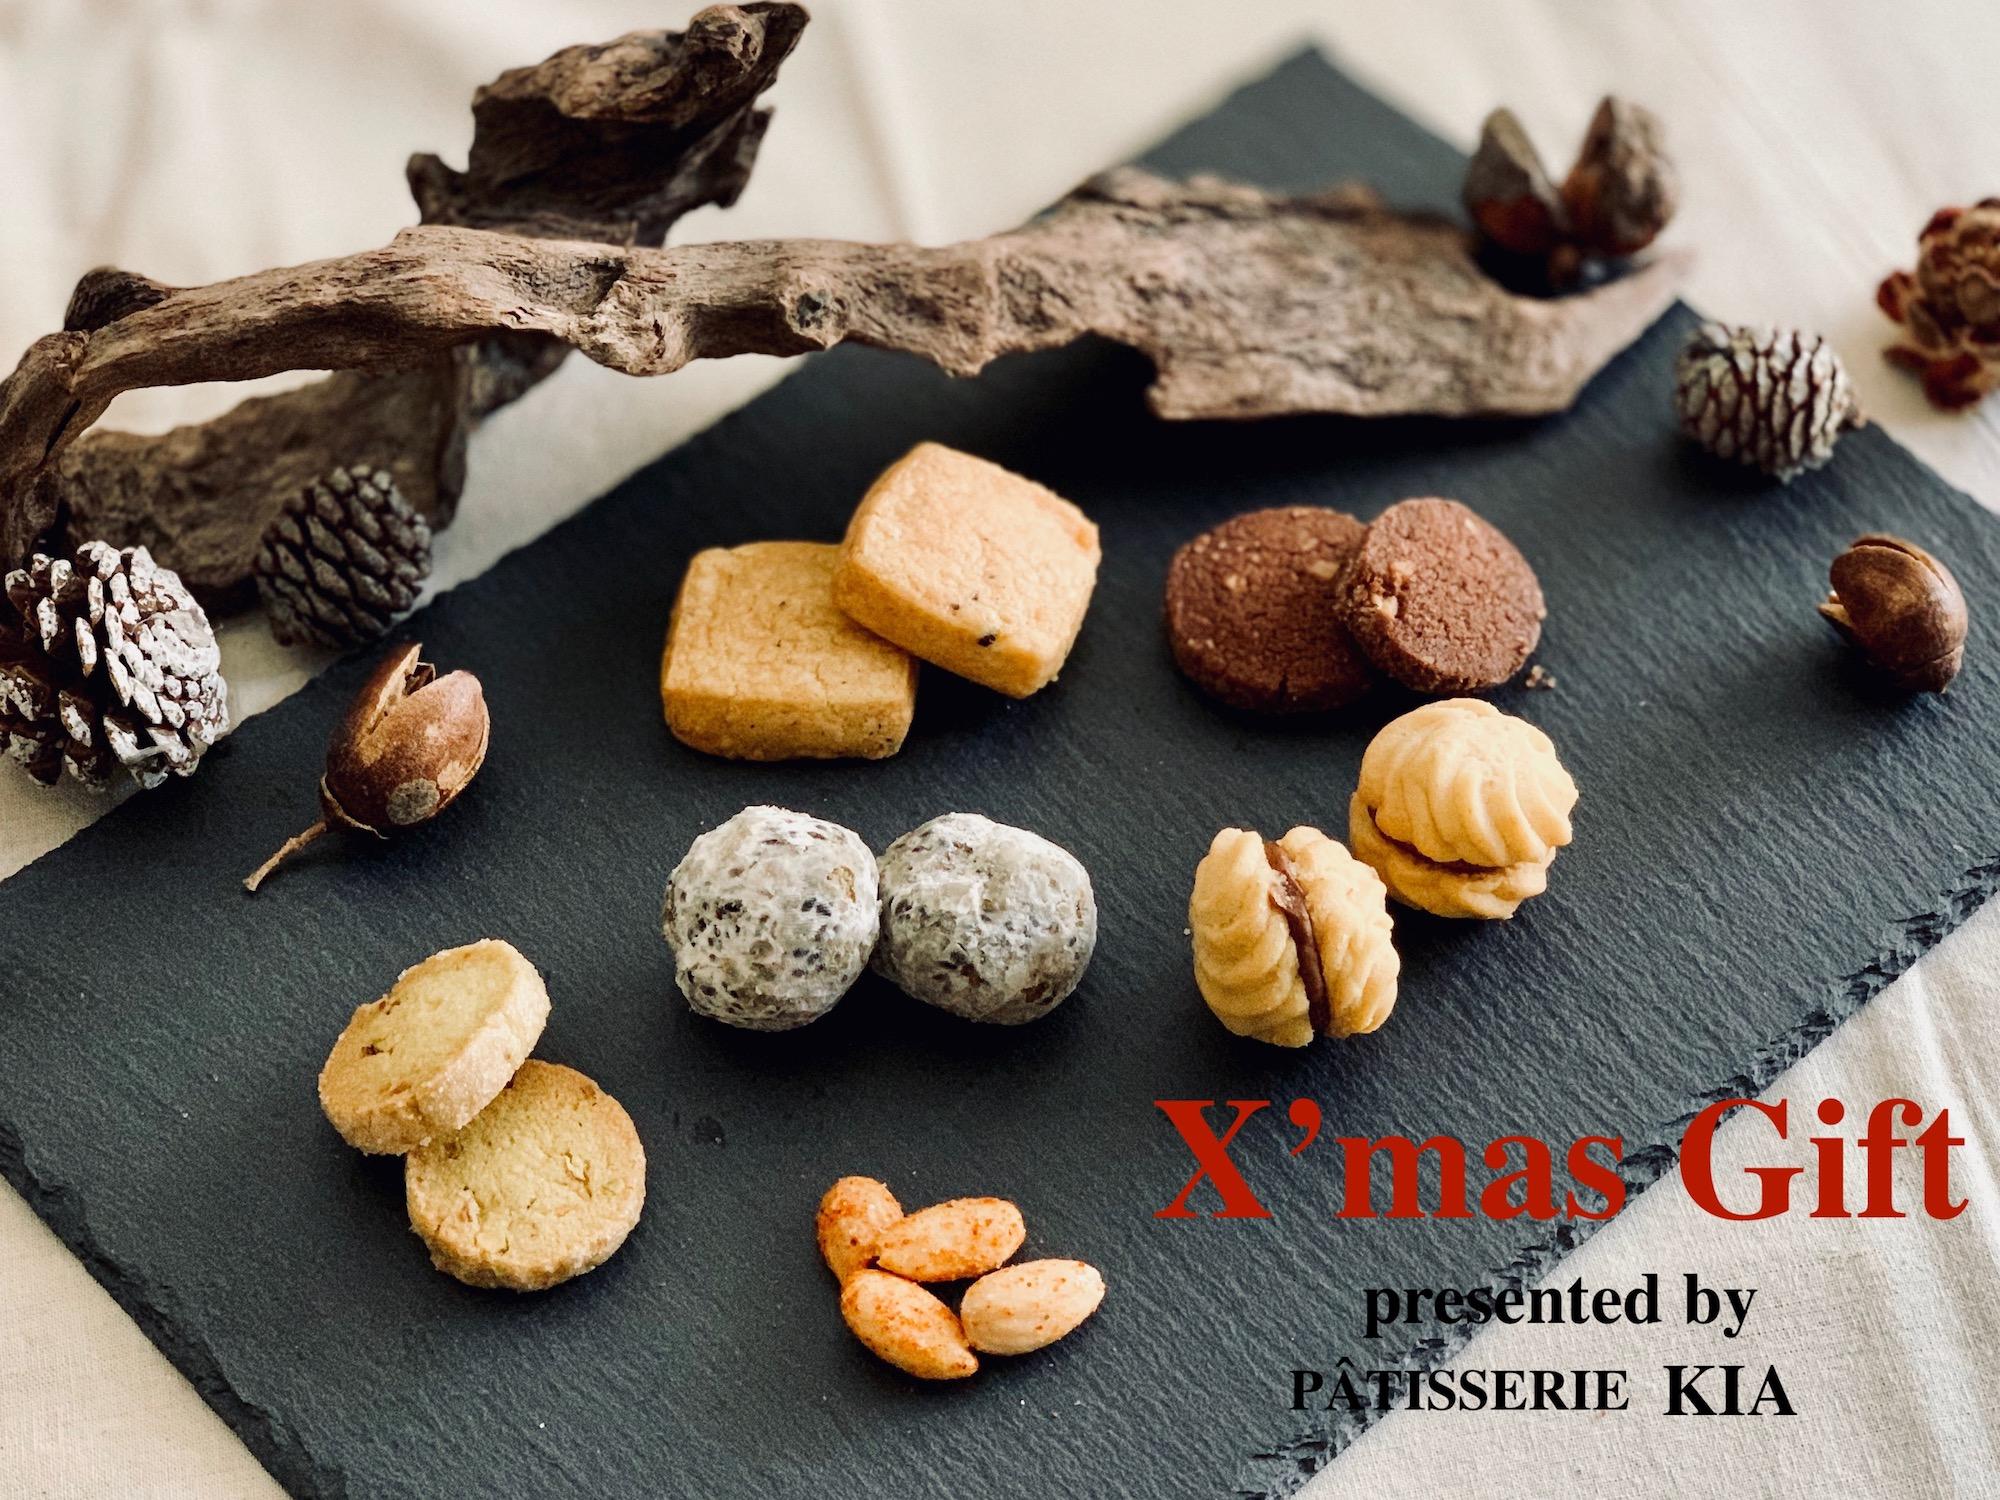 焼菓子のChristmas Gift